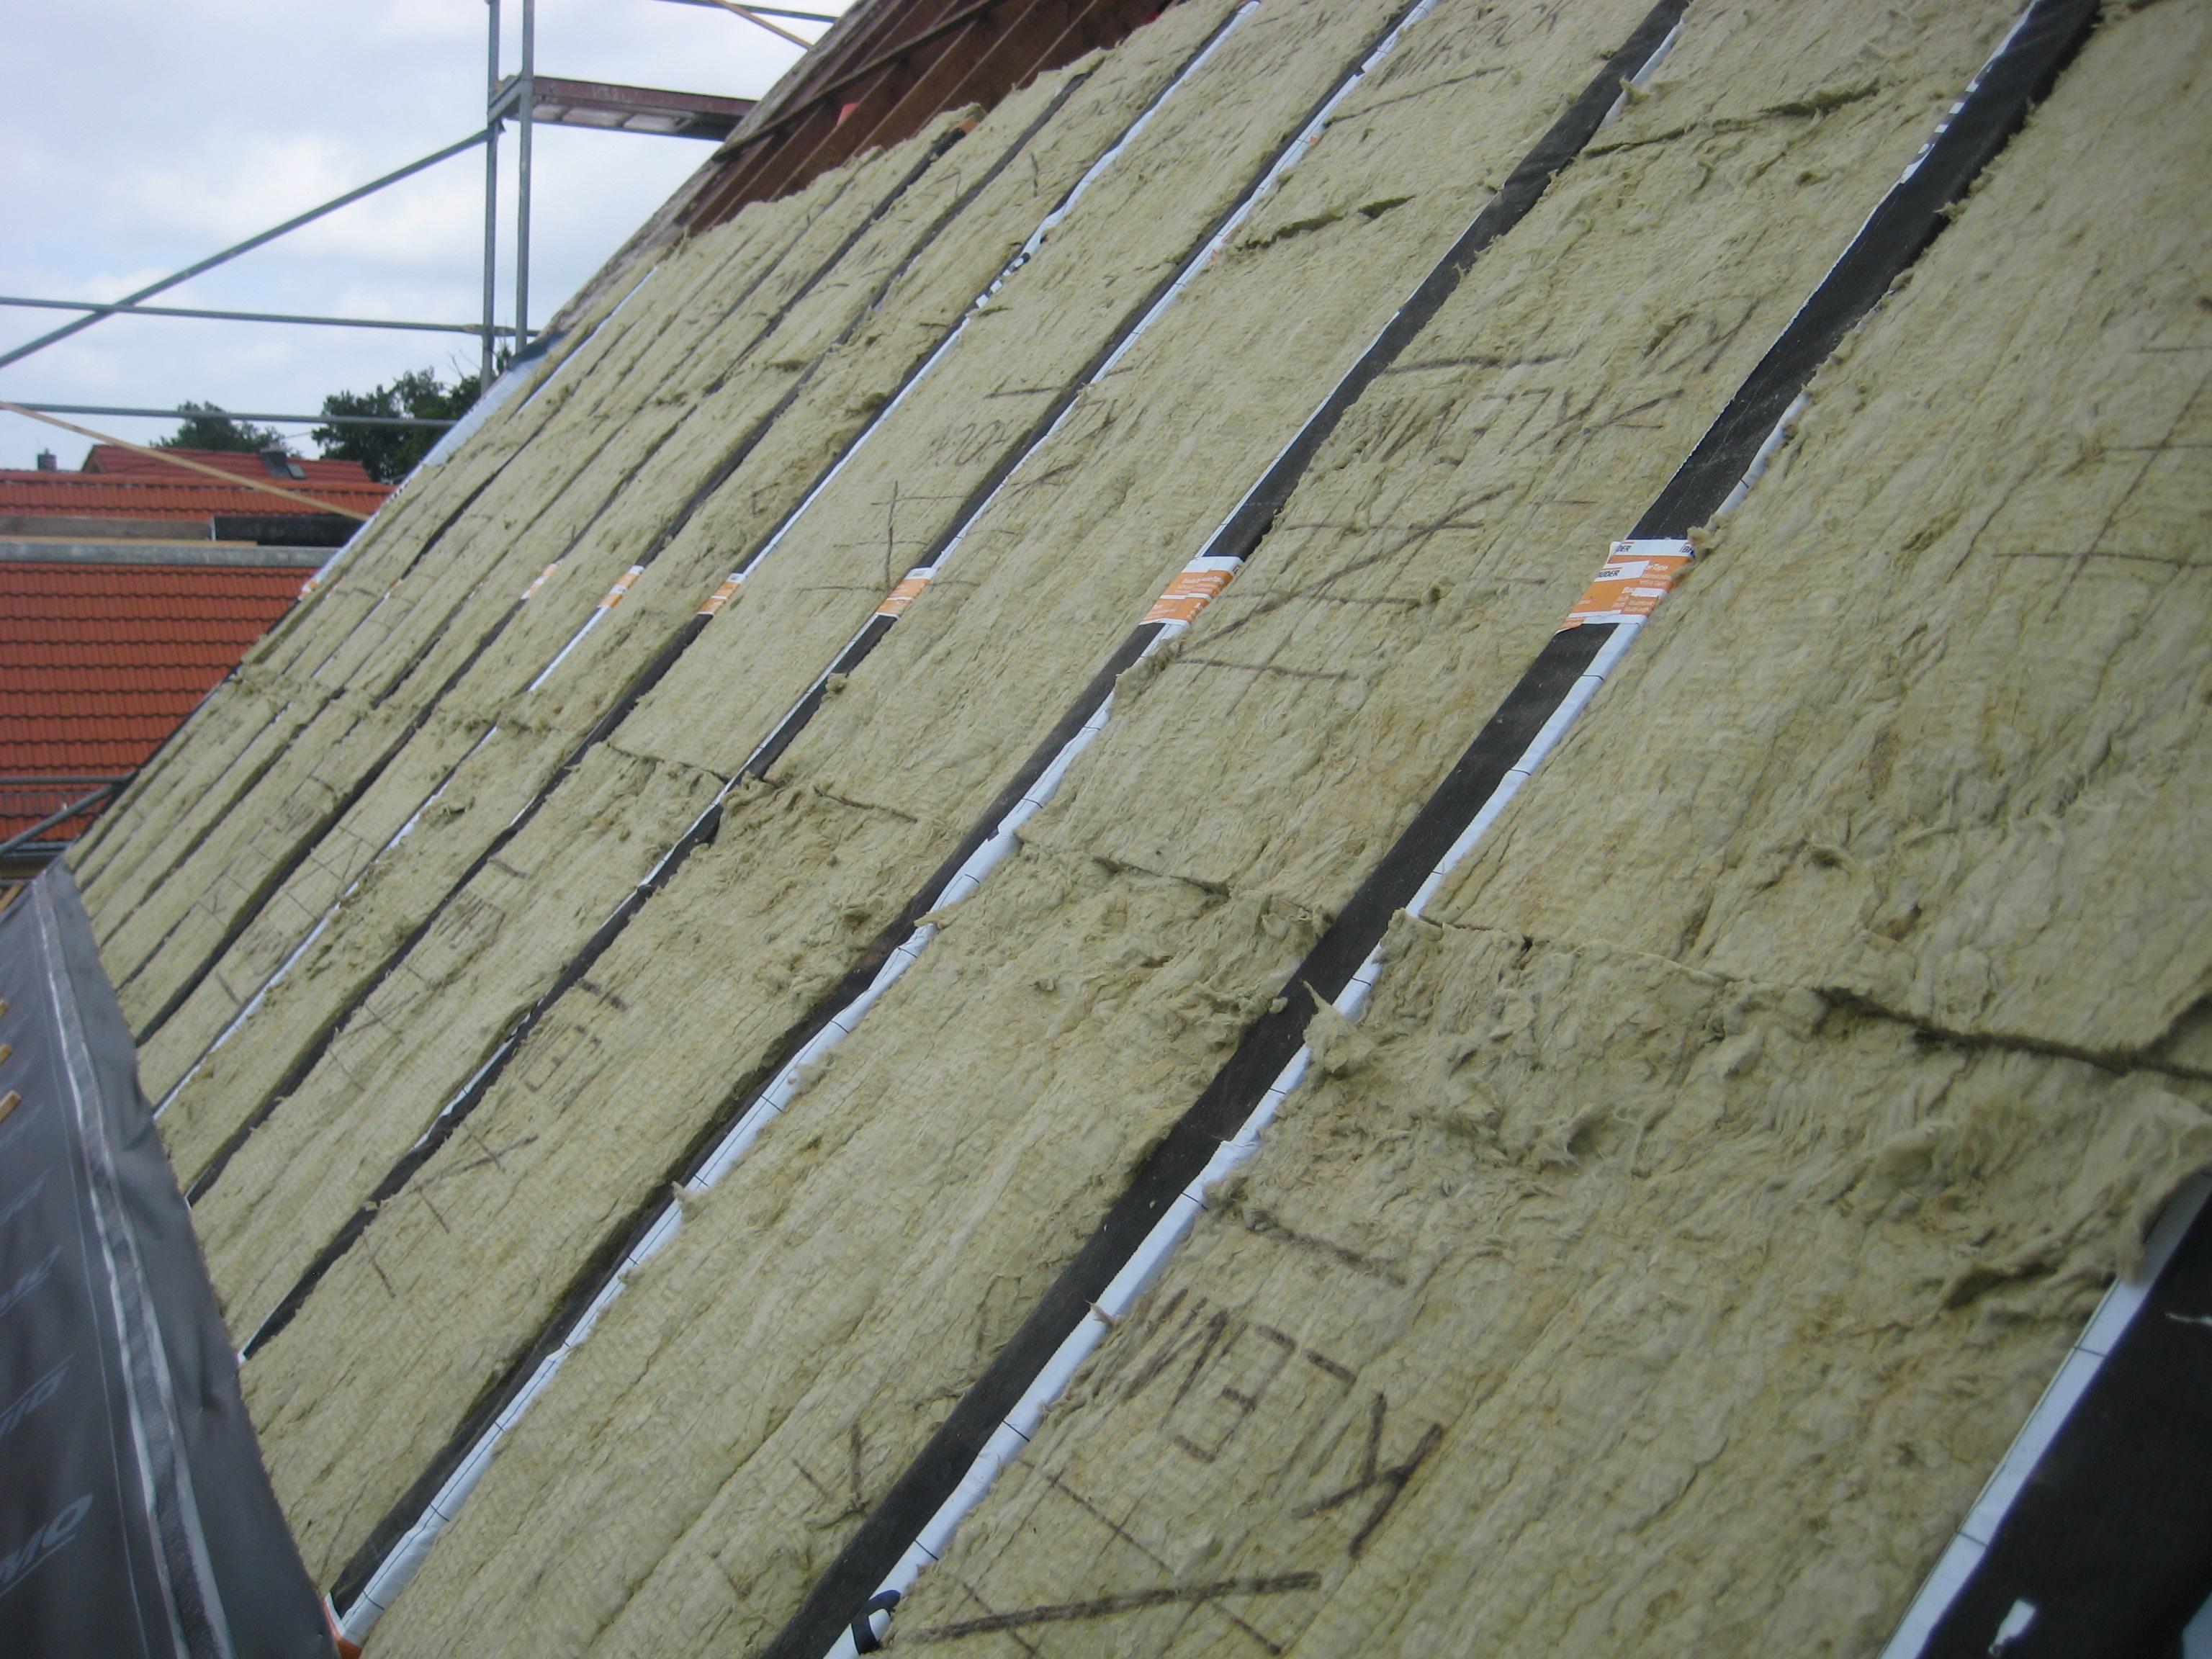 Wenn 39 s ums dach geht dachdecker meister holger scheibe zwischensparrend mmung mit steinwolle - Innenwand dammen mit steinwolle ...